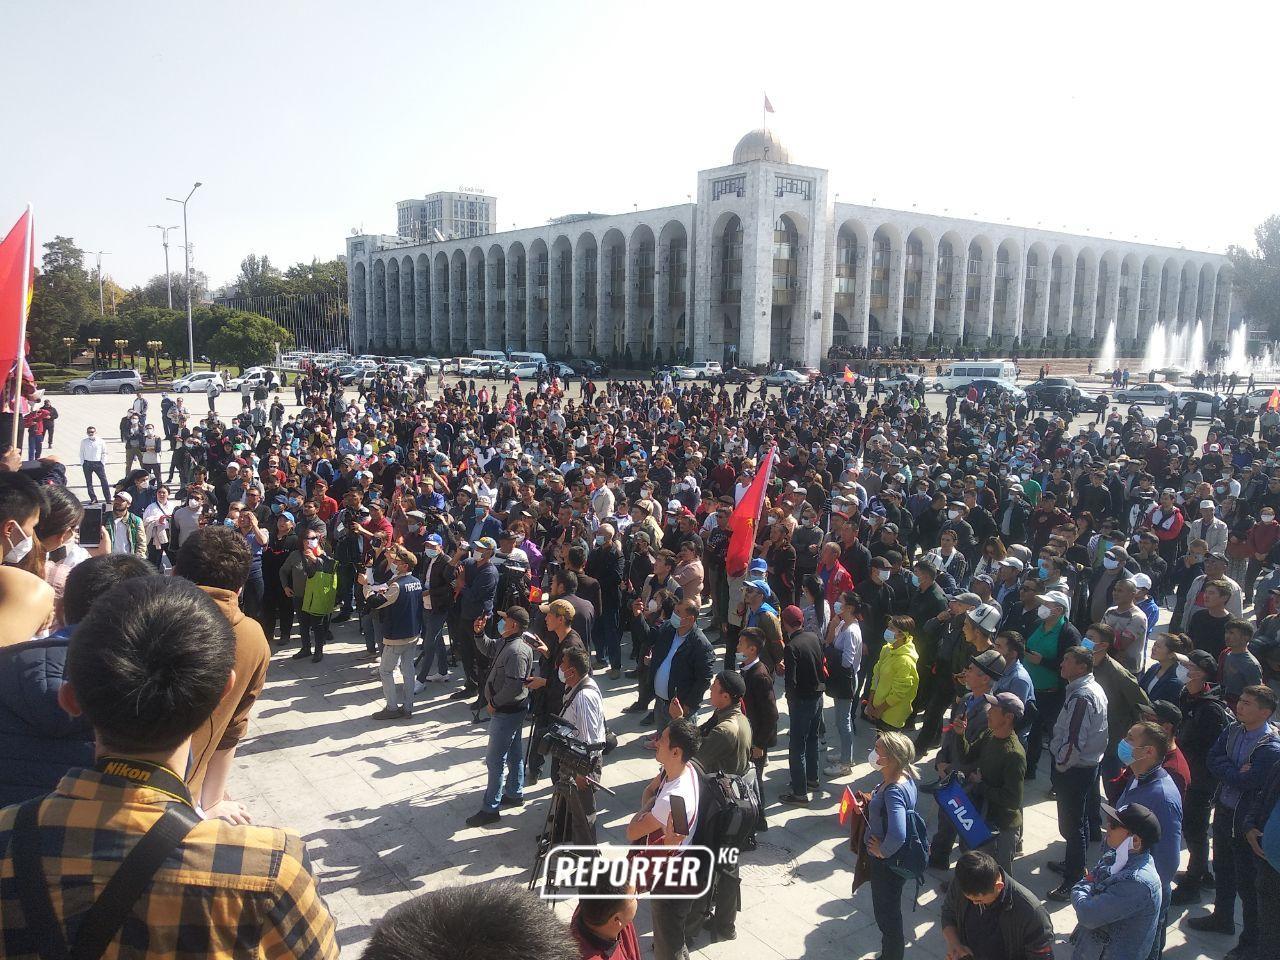 Бишкекте шайлоонун жыйынтыгына нааразы 5 партиянын митинги өтүп жатат — сүрөттөр